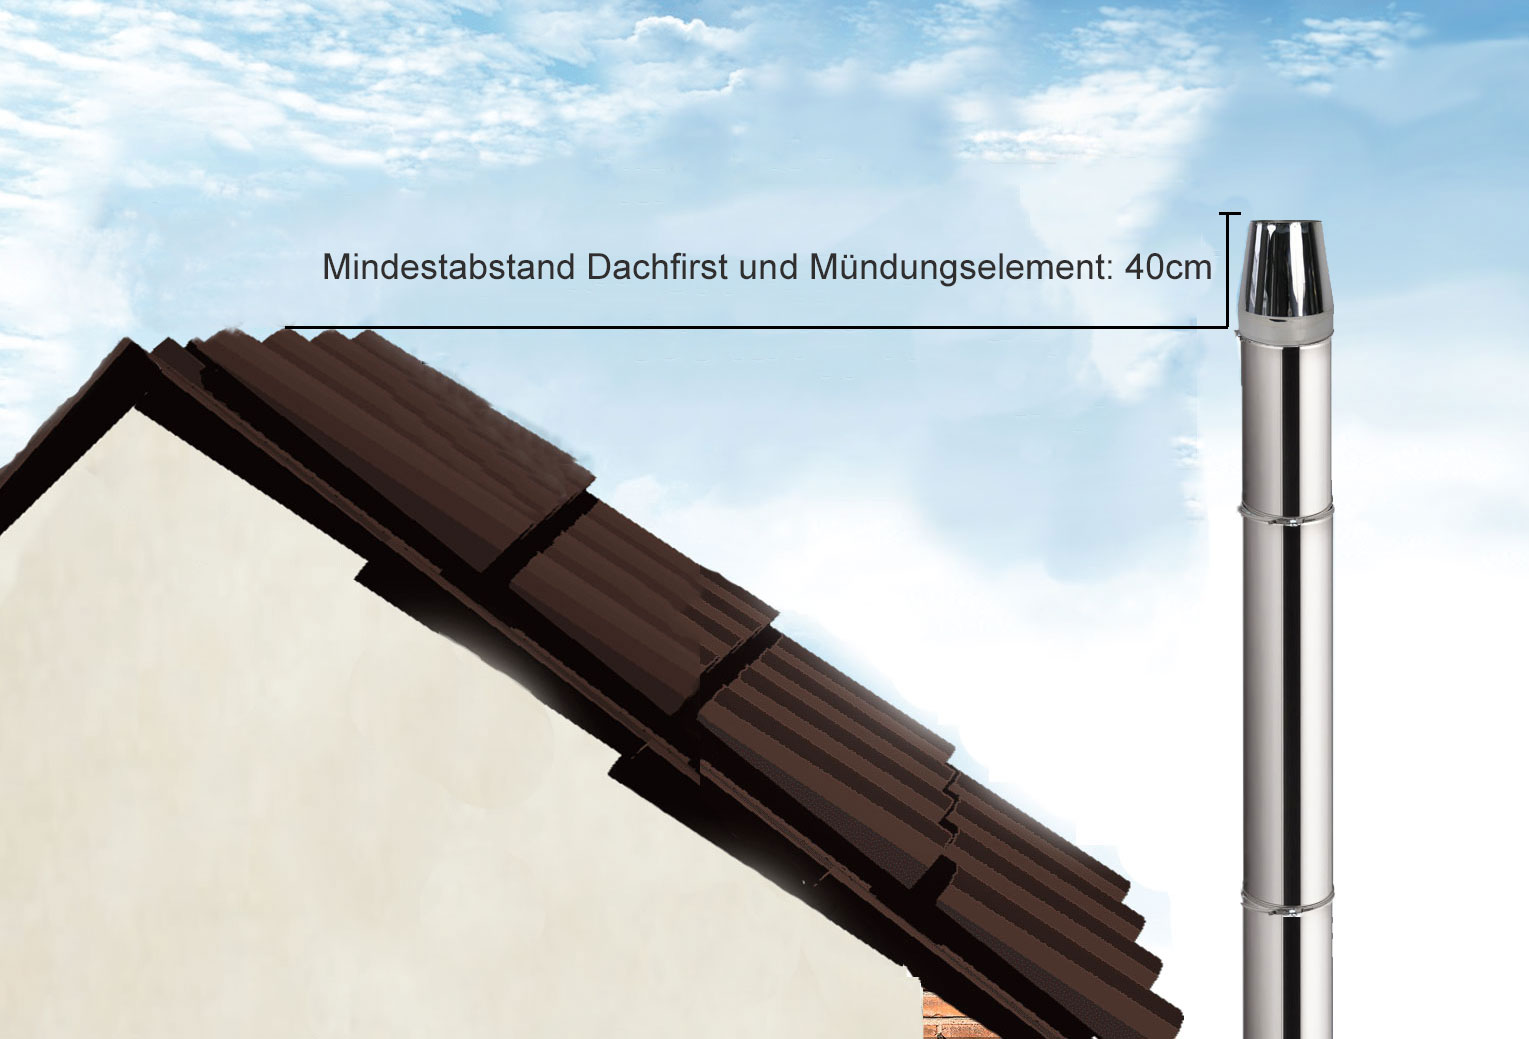 Abstand Mündungselement und Dachfirst